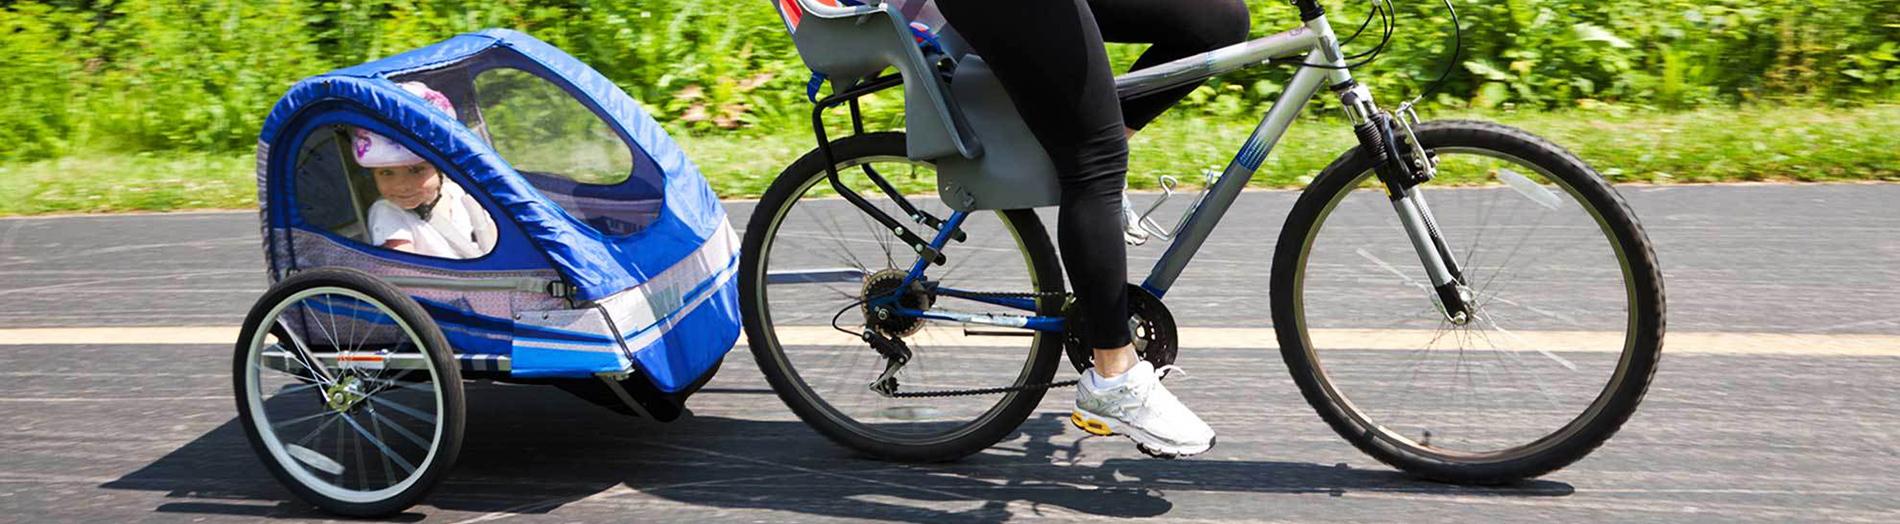 Спортувайте с детски летни колички за джогинг, за теглене, за ски, туристически раници за бебета, столчета за велосипеди